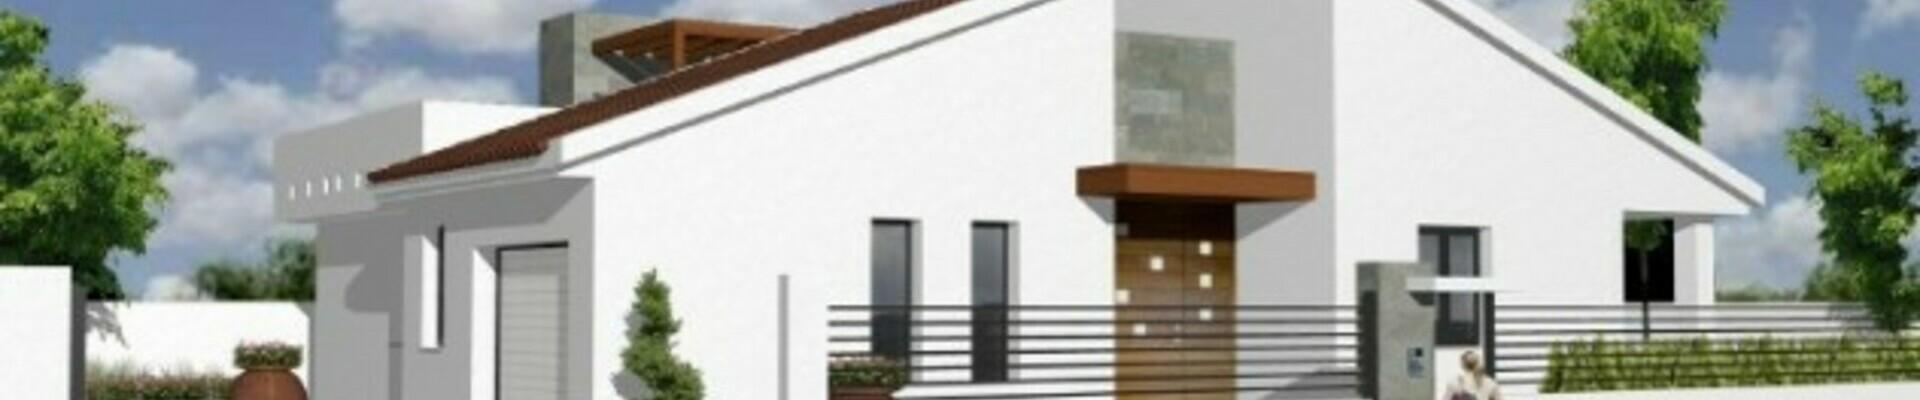 AF665: 3 Bedroom Villa for Sale